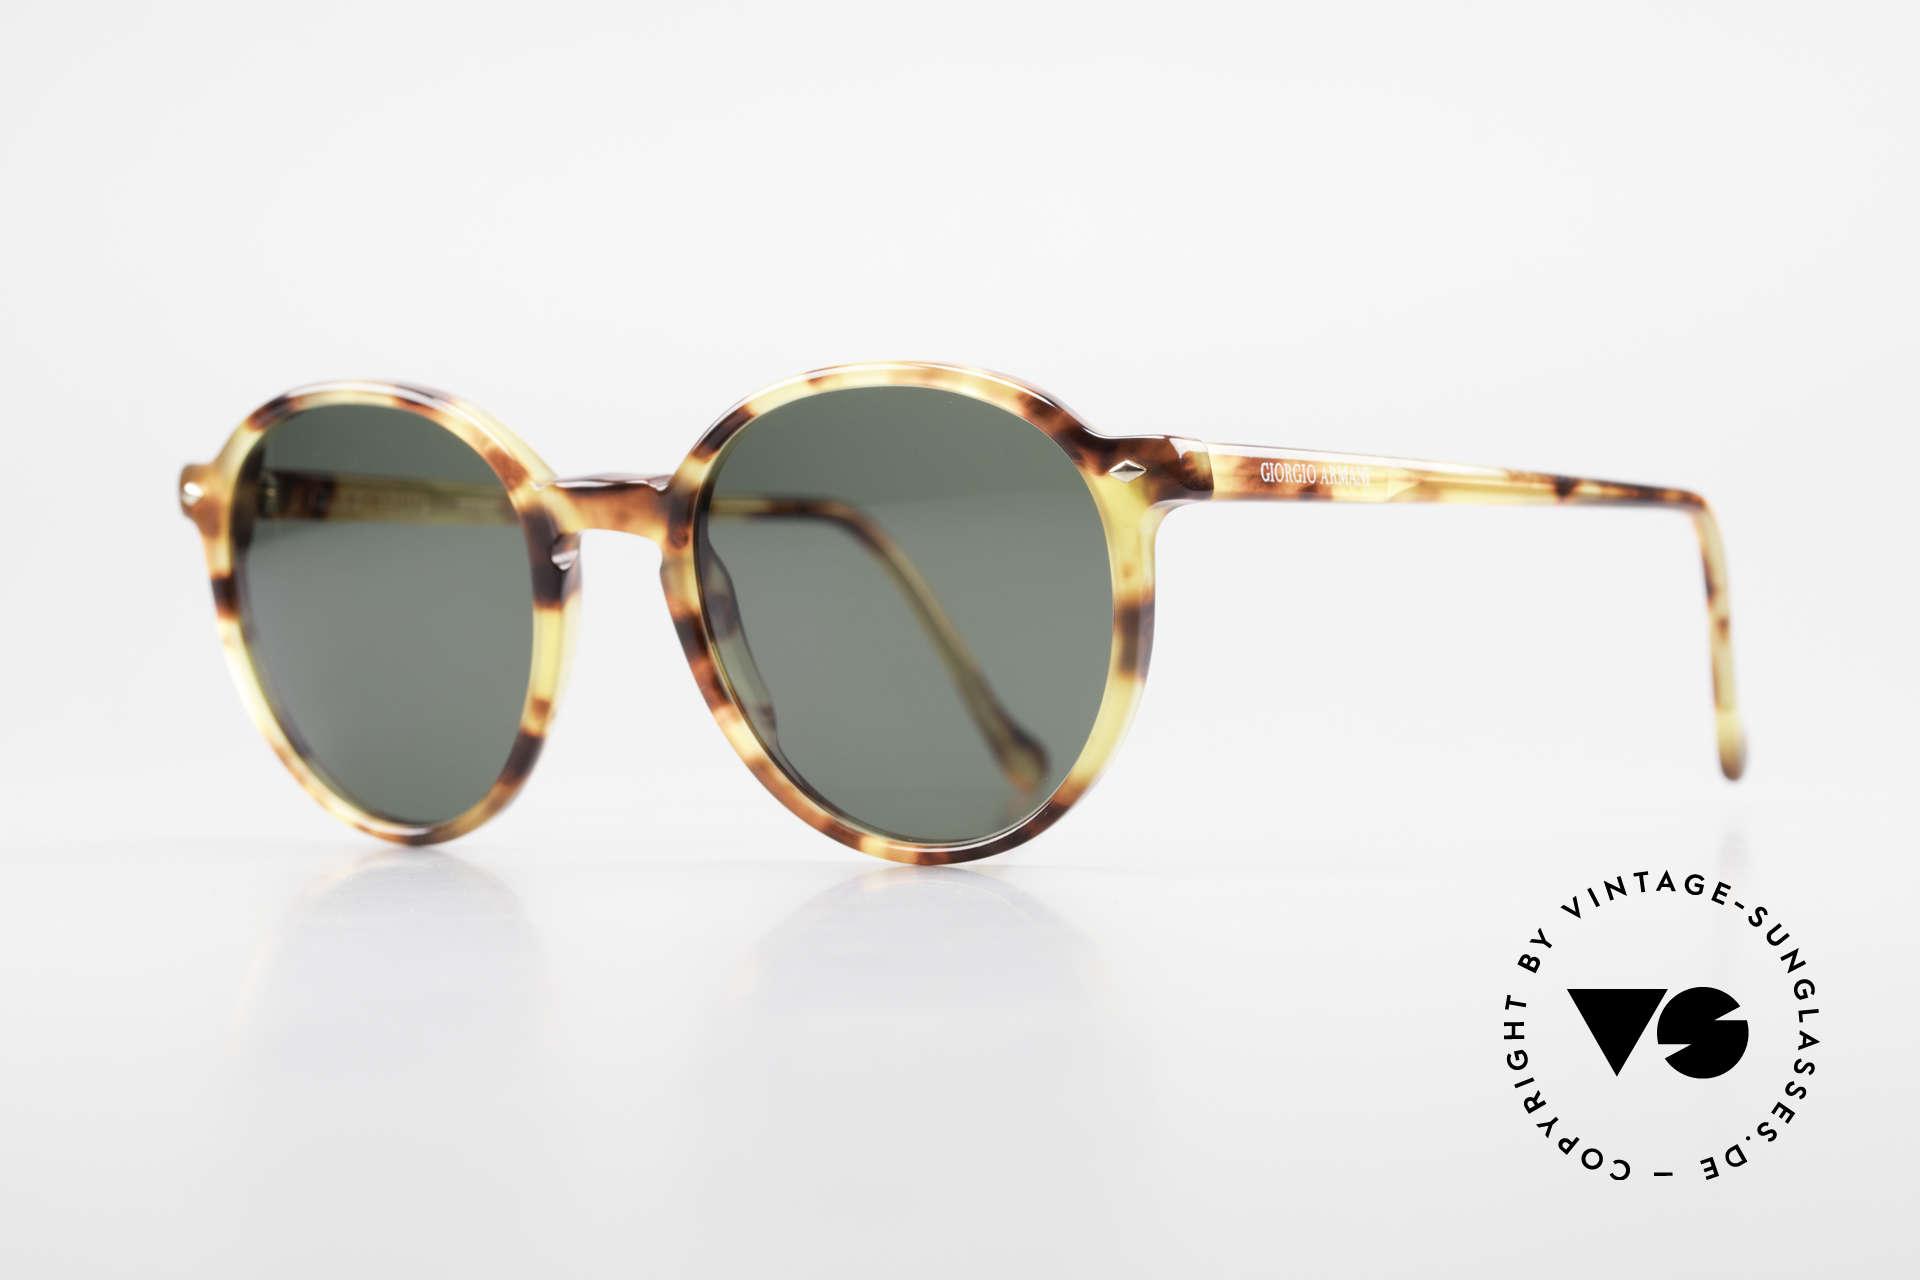 Giorgio Armani 325 Rare 90er Panto Sonnenbrille, sehr interessantes Farbmuster in einer Art Bernstein, Passend für Herren und Damen